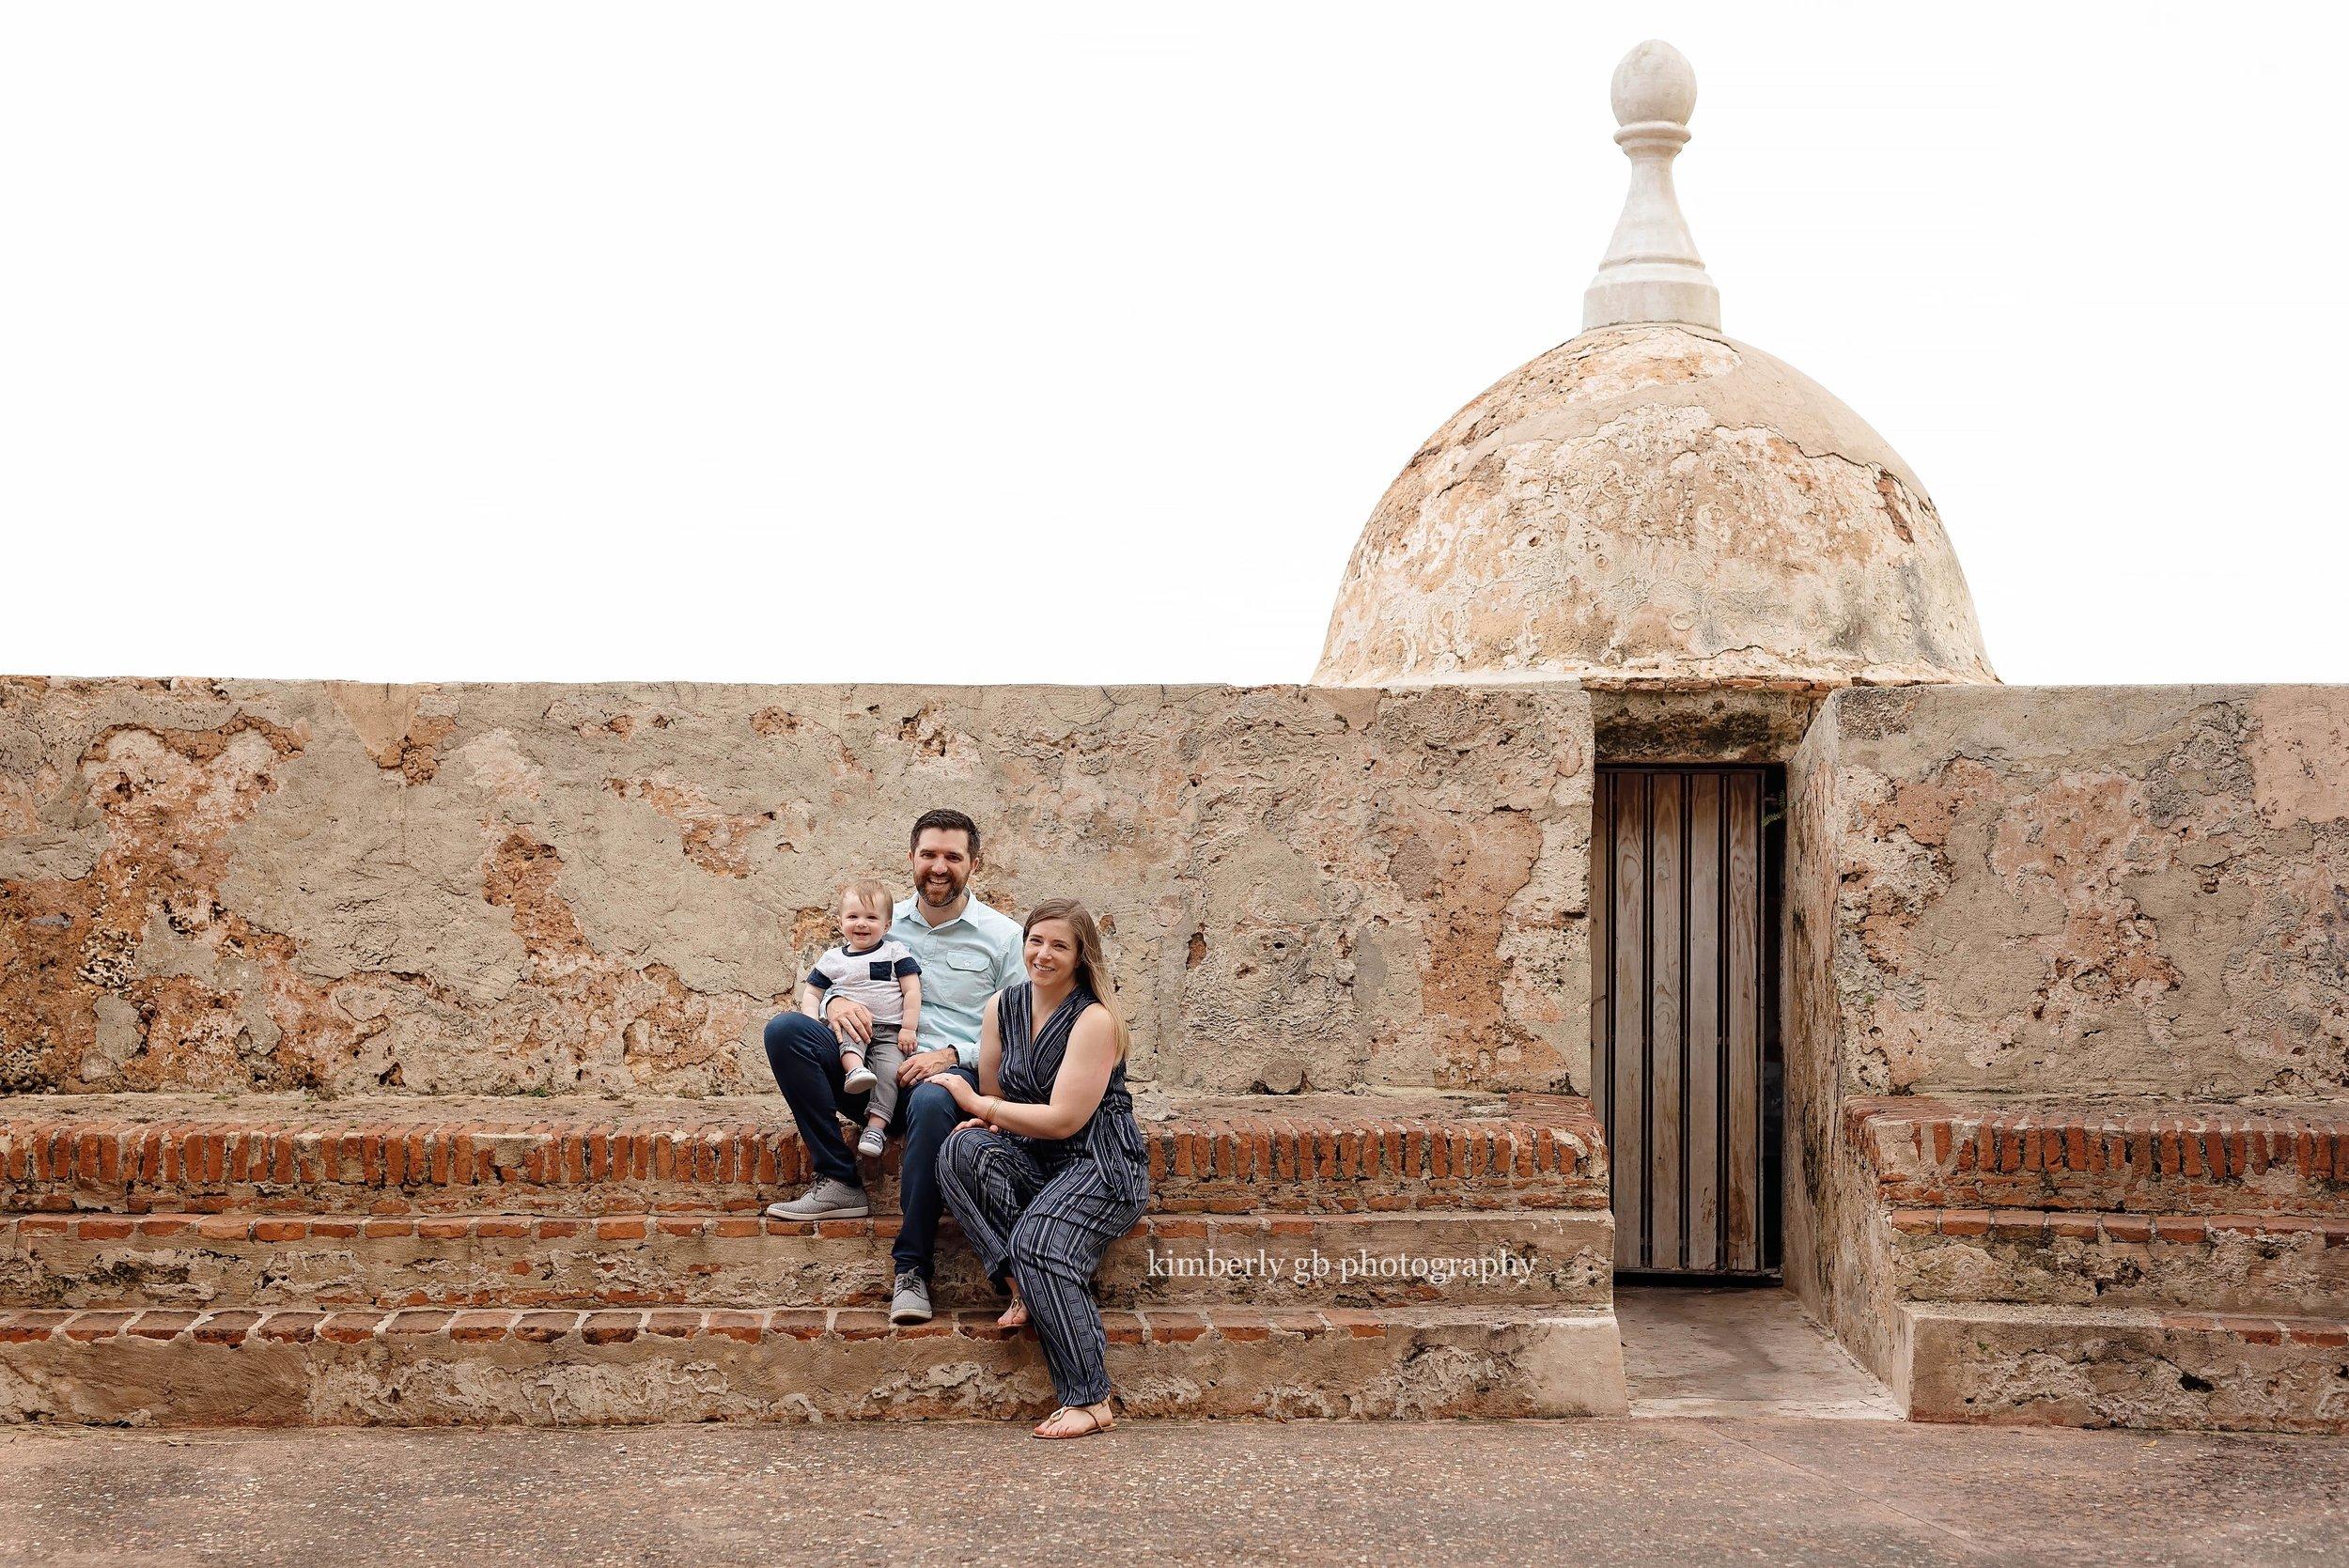 kimberly-gb-photography-fotografa-portrait-retrato-family-familia-puerto-rico-105.jpg